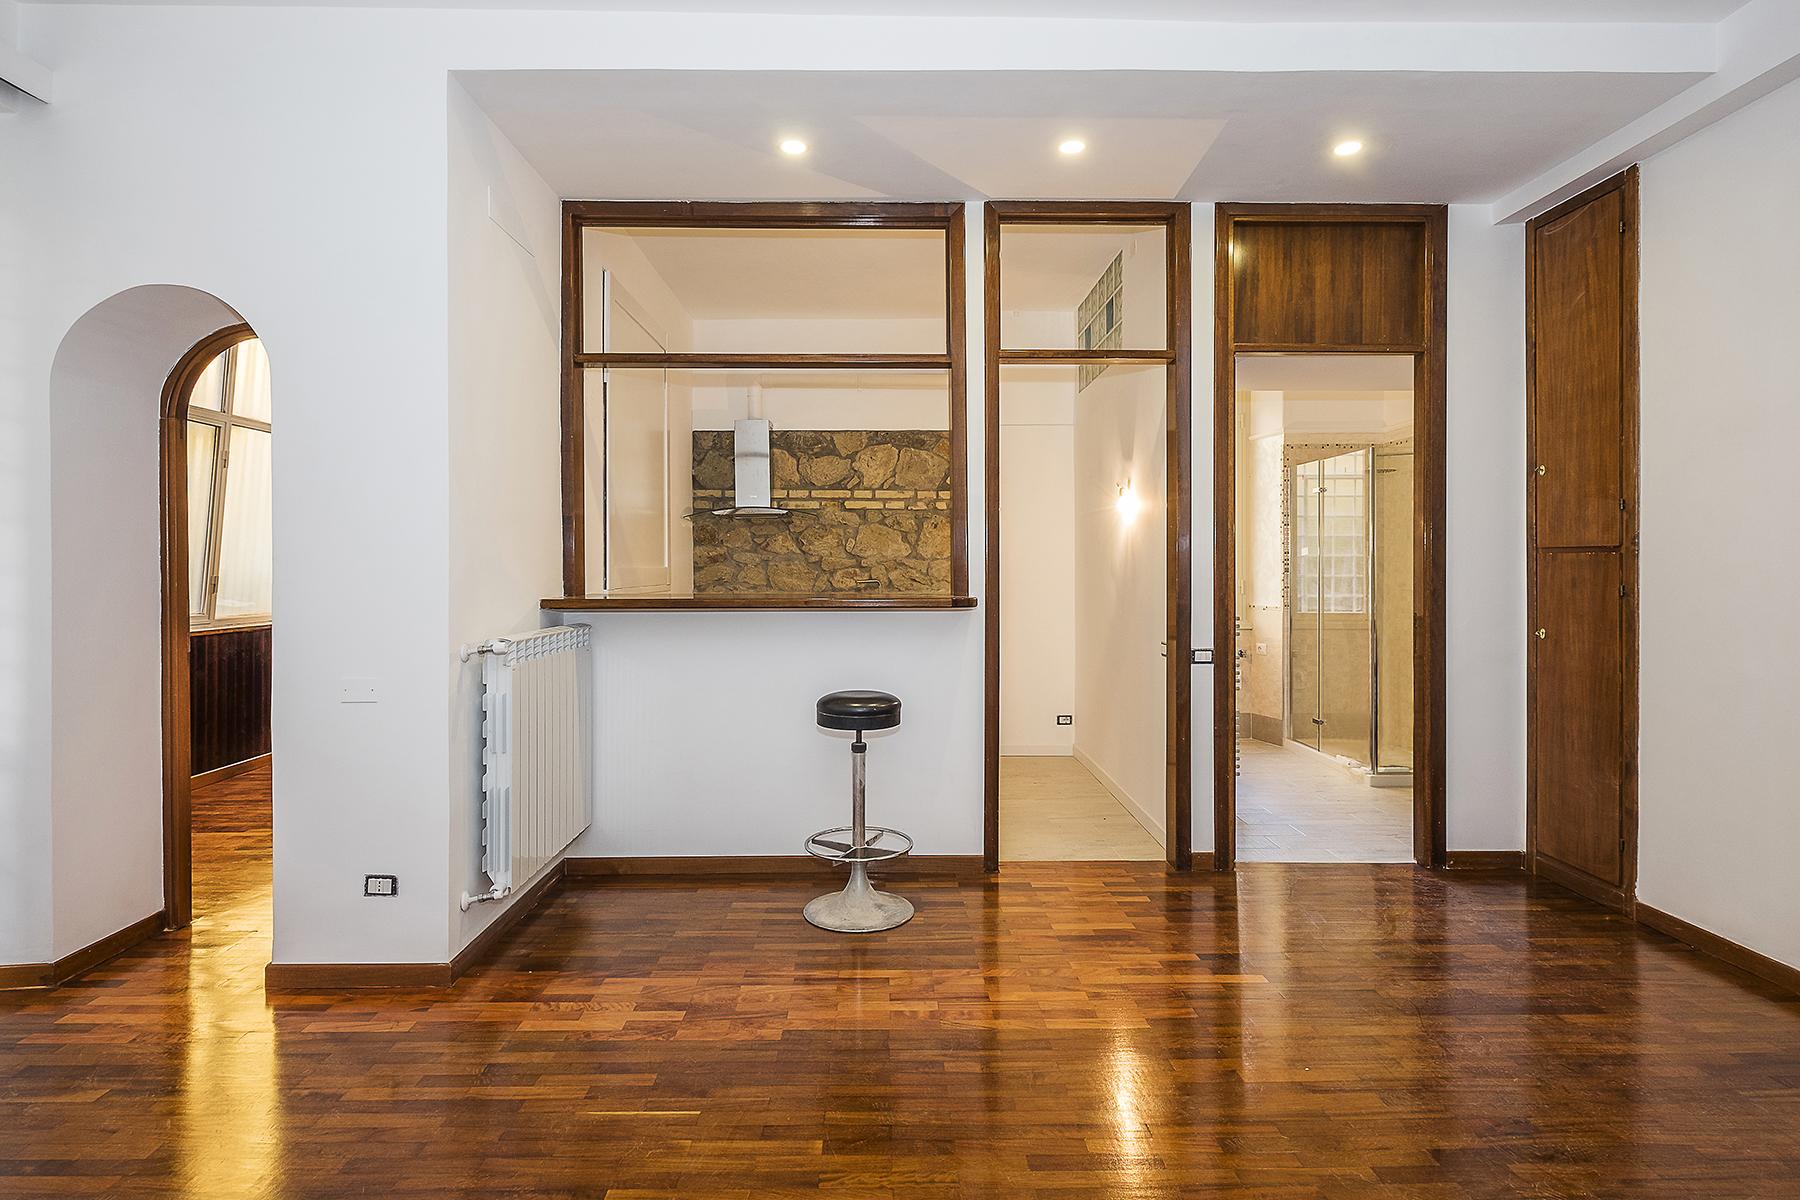 Appartamento di lusso in affitto a roma via nicolo 39 v for Studio affitto roma